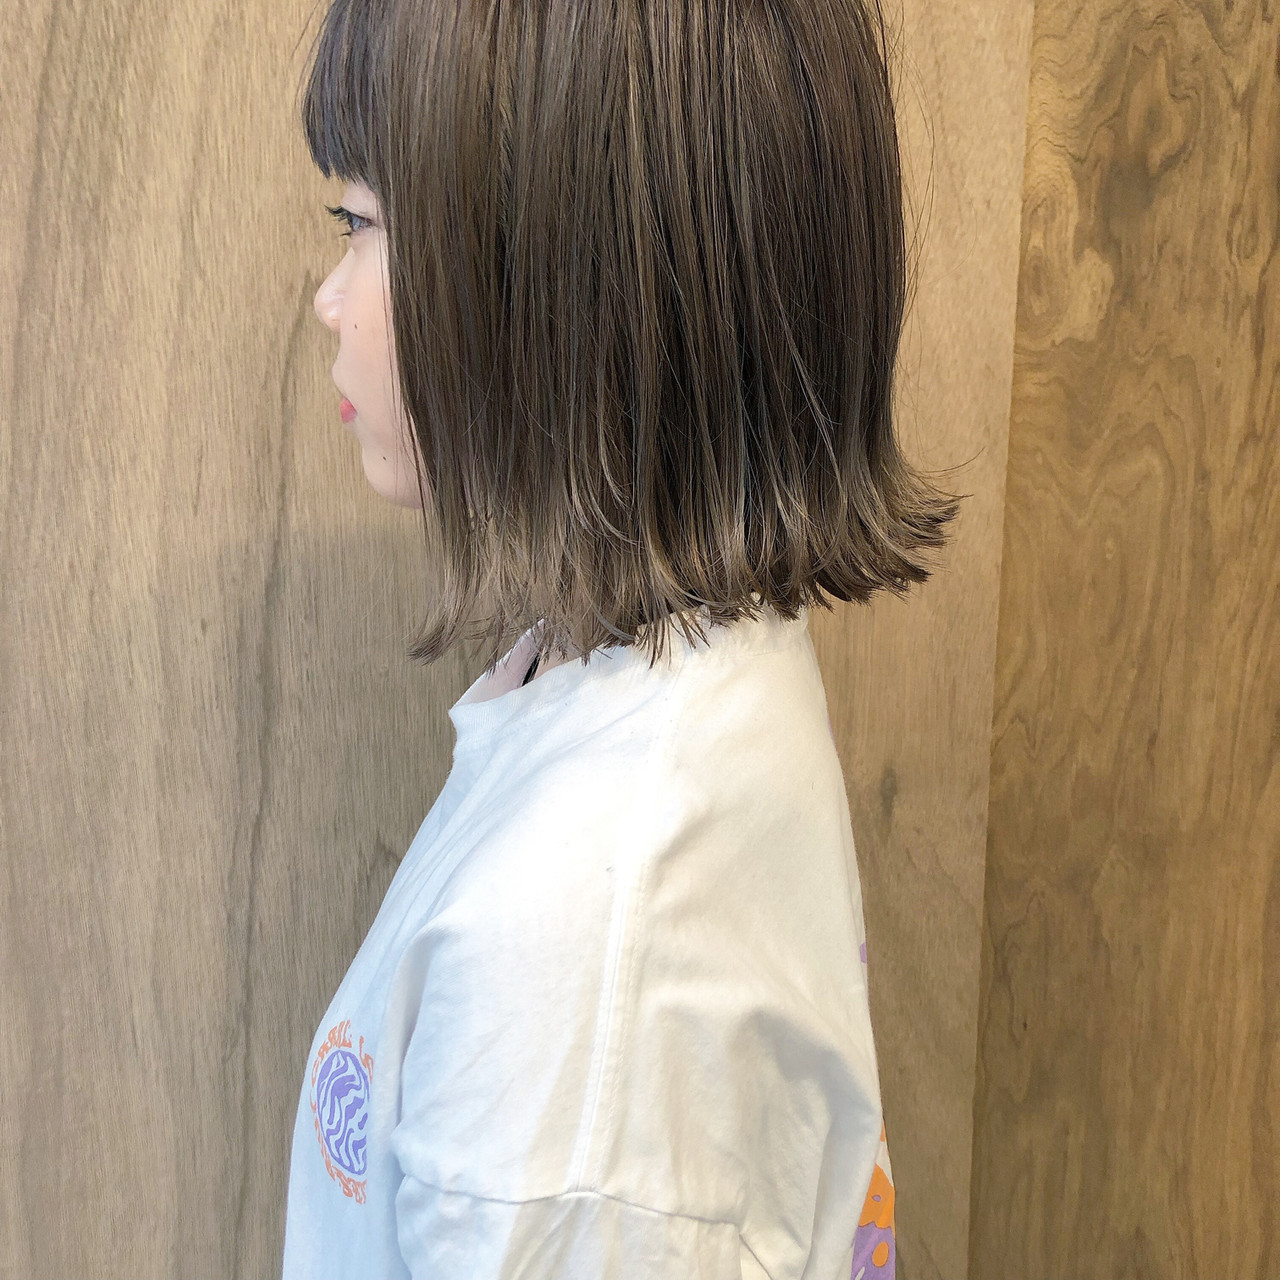 ミニボブ ボブ ナチュラル 切りっぱなしボブ ヘアスタイルや髪型の写真・画像 | 松井勇樹 / TWiGGY  歩行町店